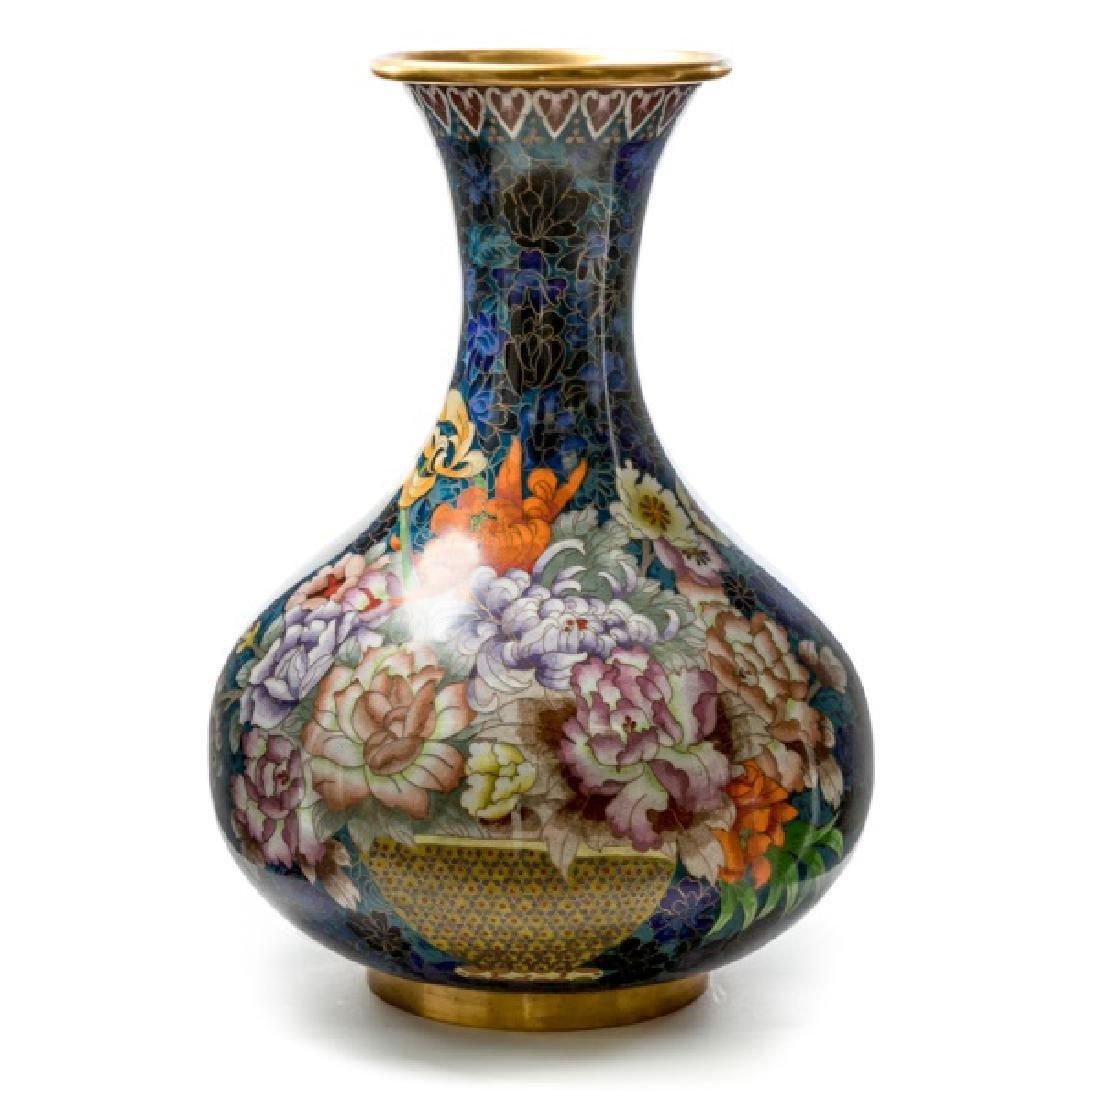 Large Chinese Cloisonne Enameled Vase